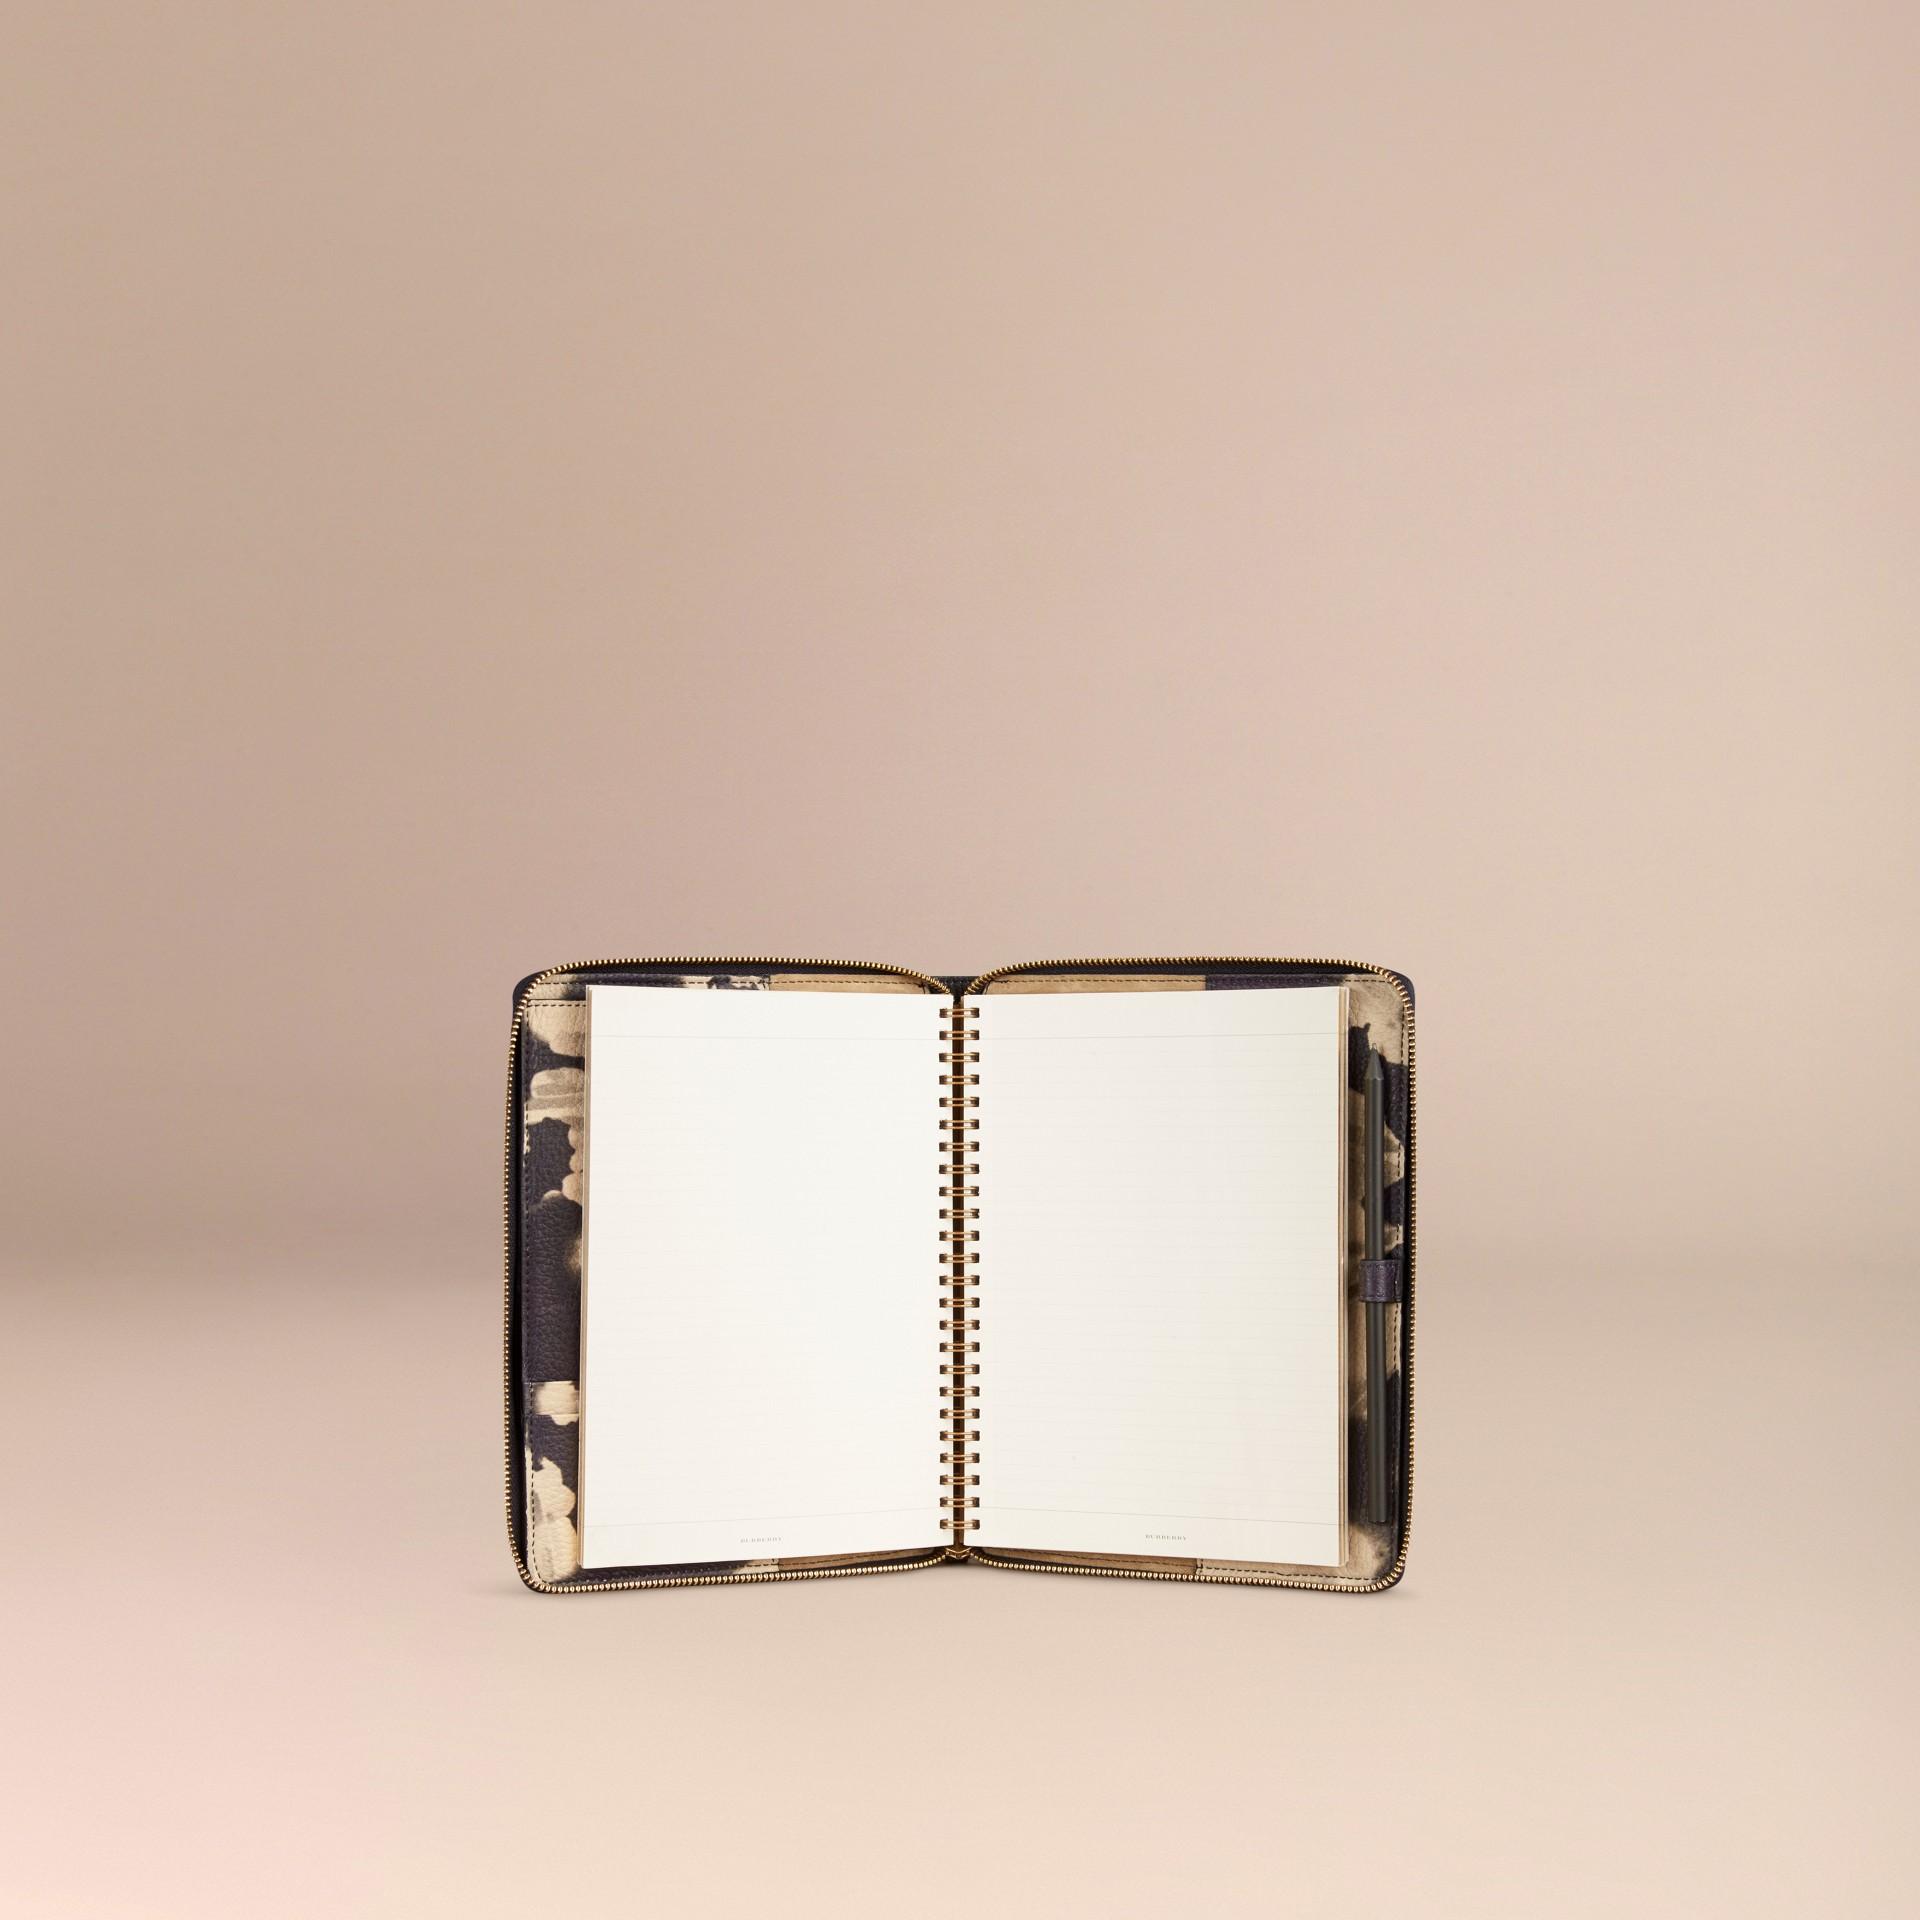 Pietra Taccuino formato A5 in pelle a grana con cerniera su tre lati e stampa tipo tintura a riserva Pietra - immagine della galleria 3